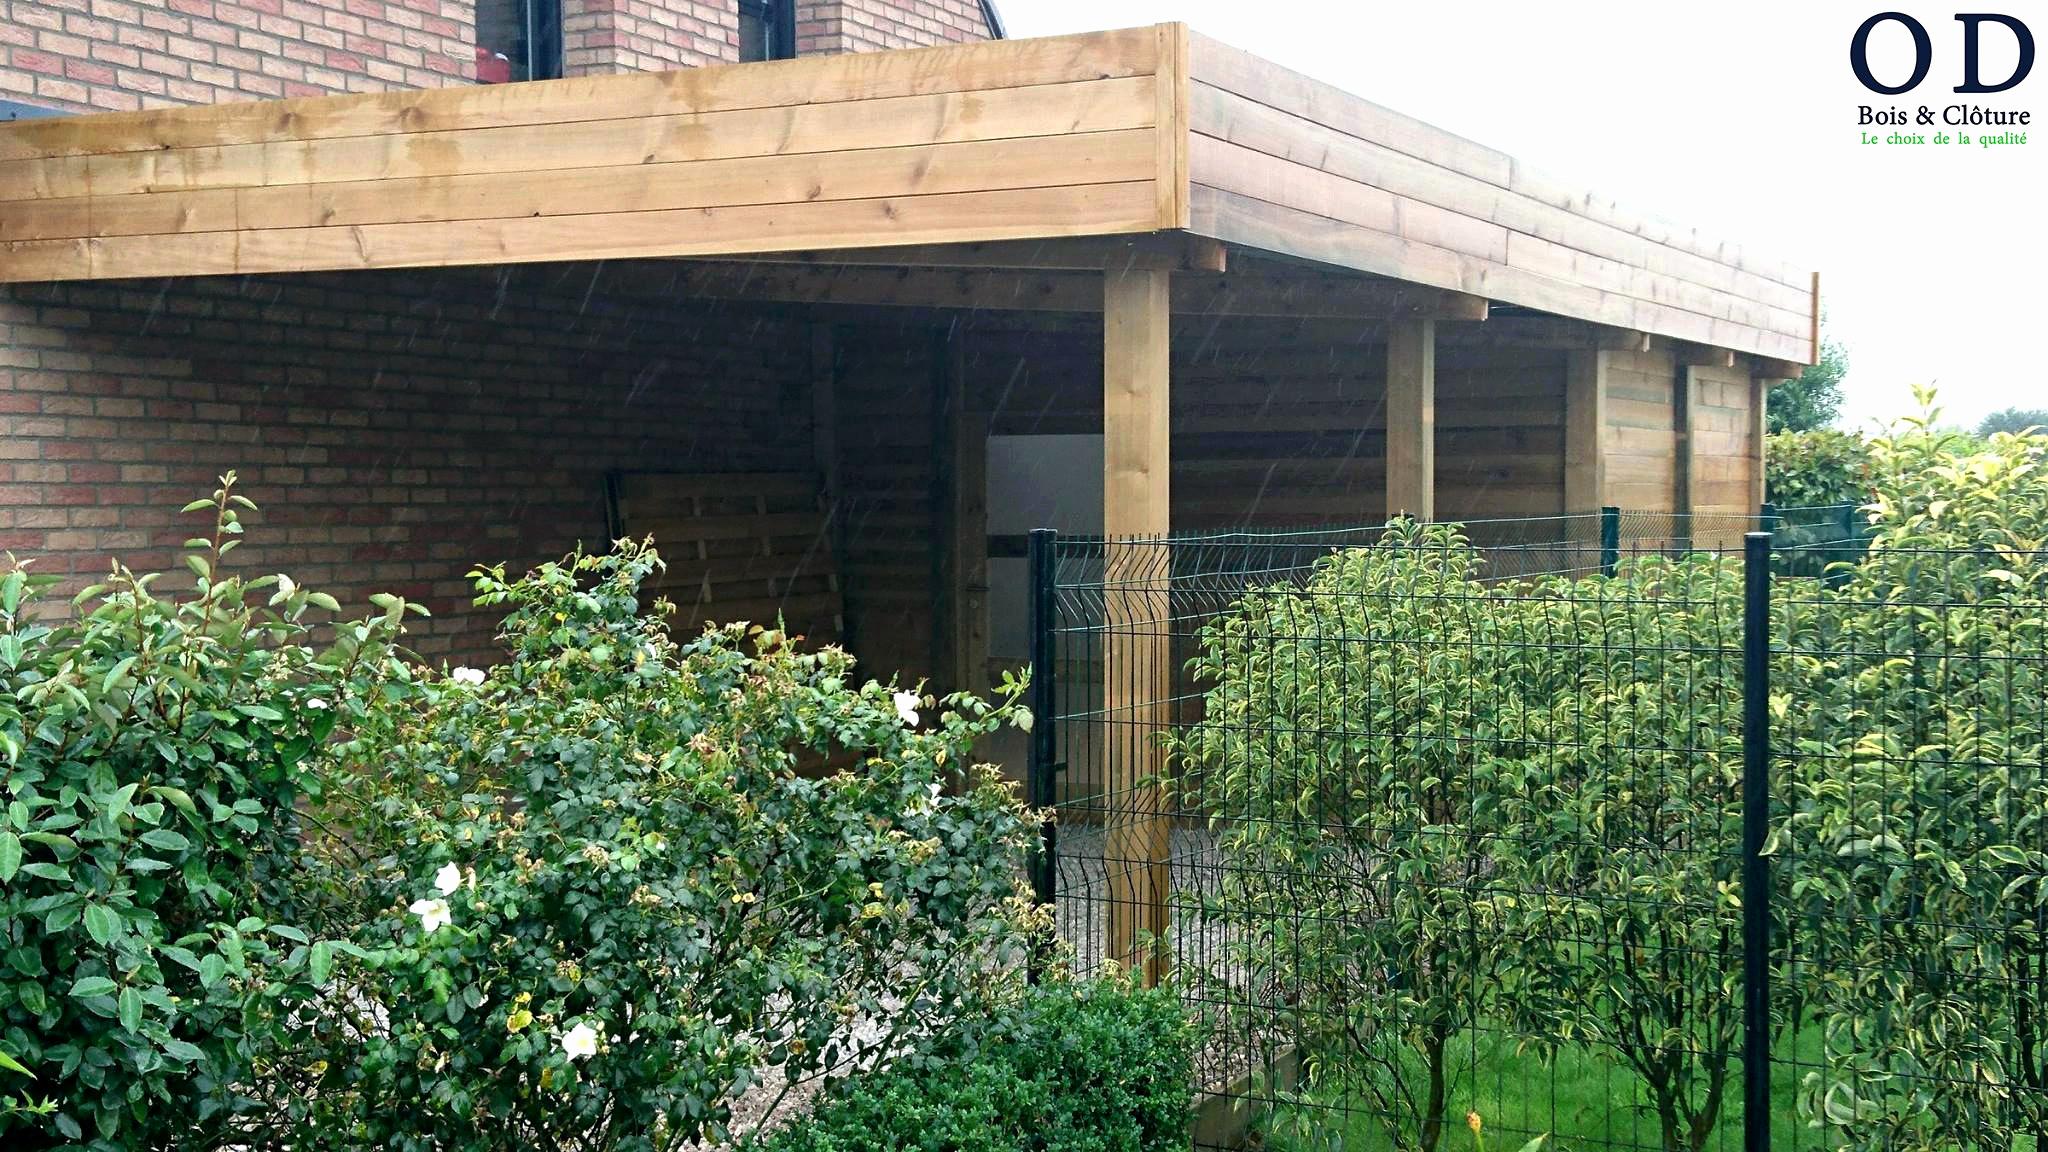 castorama abri de jardin meilleur de castorama dalle beton galeries dalle beton pour abri de jardin plot of castorama abri de jardin